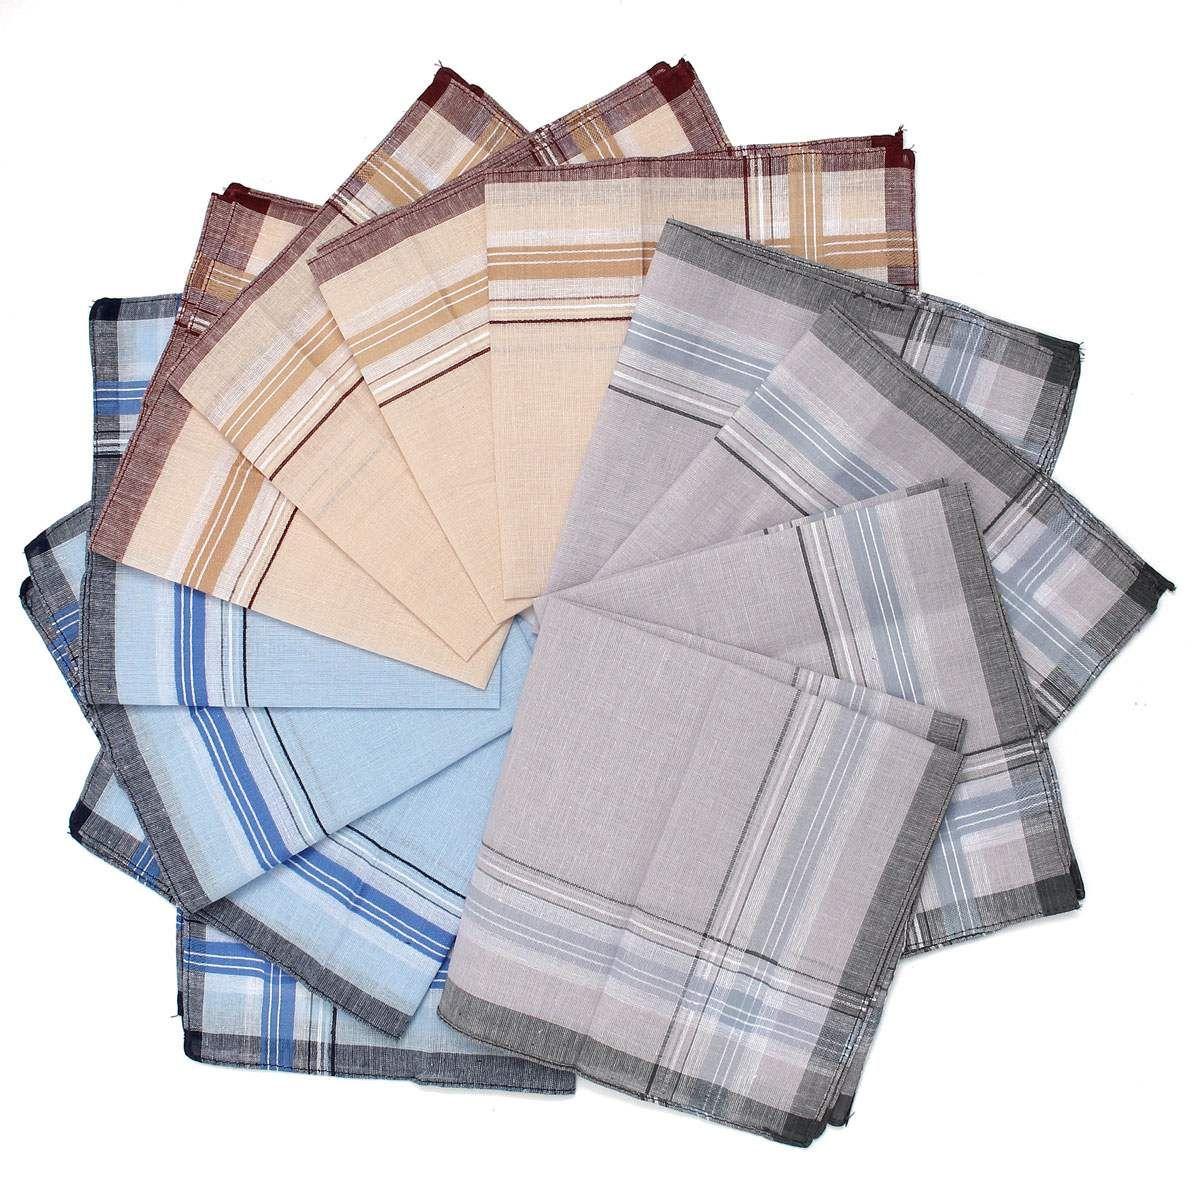 12pcs /Lot Men Plaid Square Handkerchiefs ,36x36cm Cotton Soft Vintage Men 'S Business Suit Pockets Handkerchief Male Grid Hanky